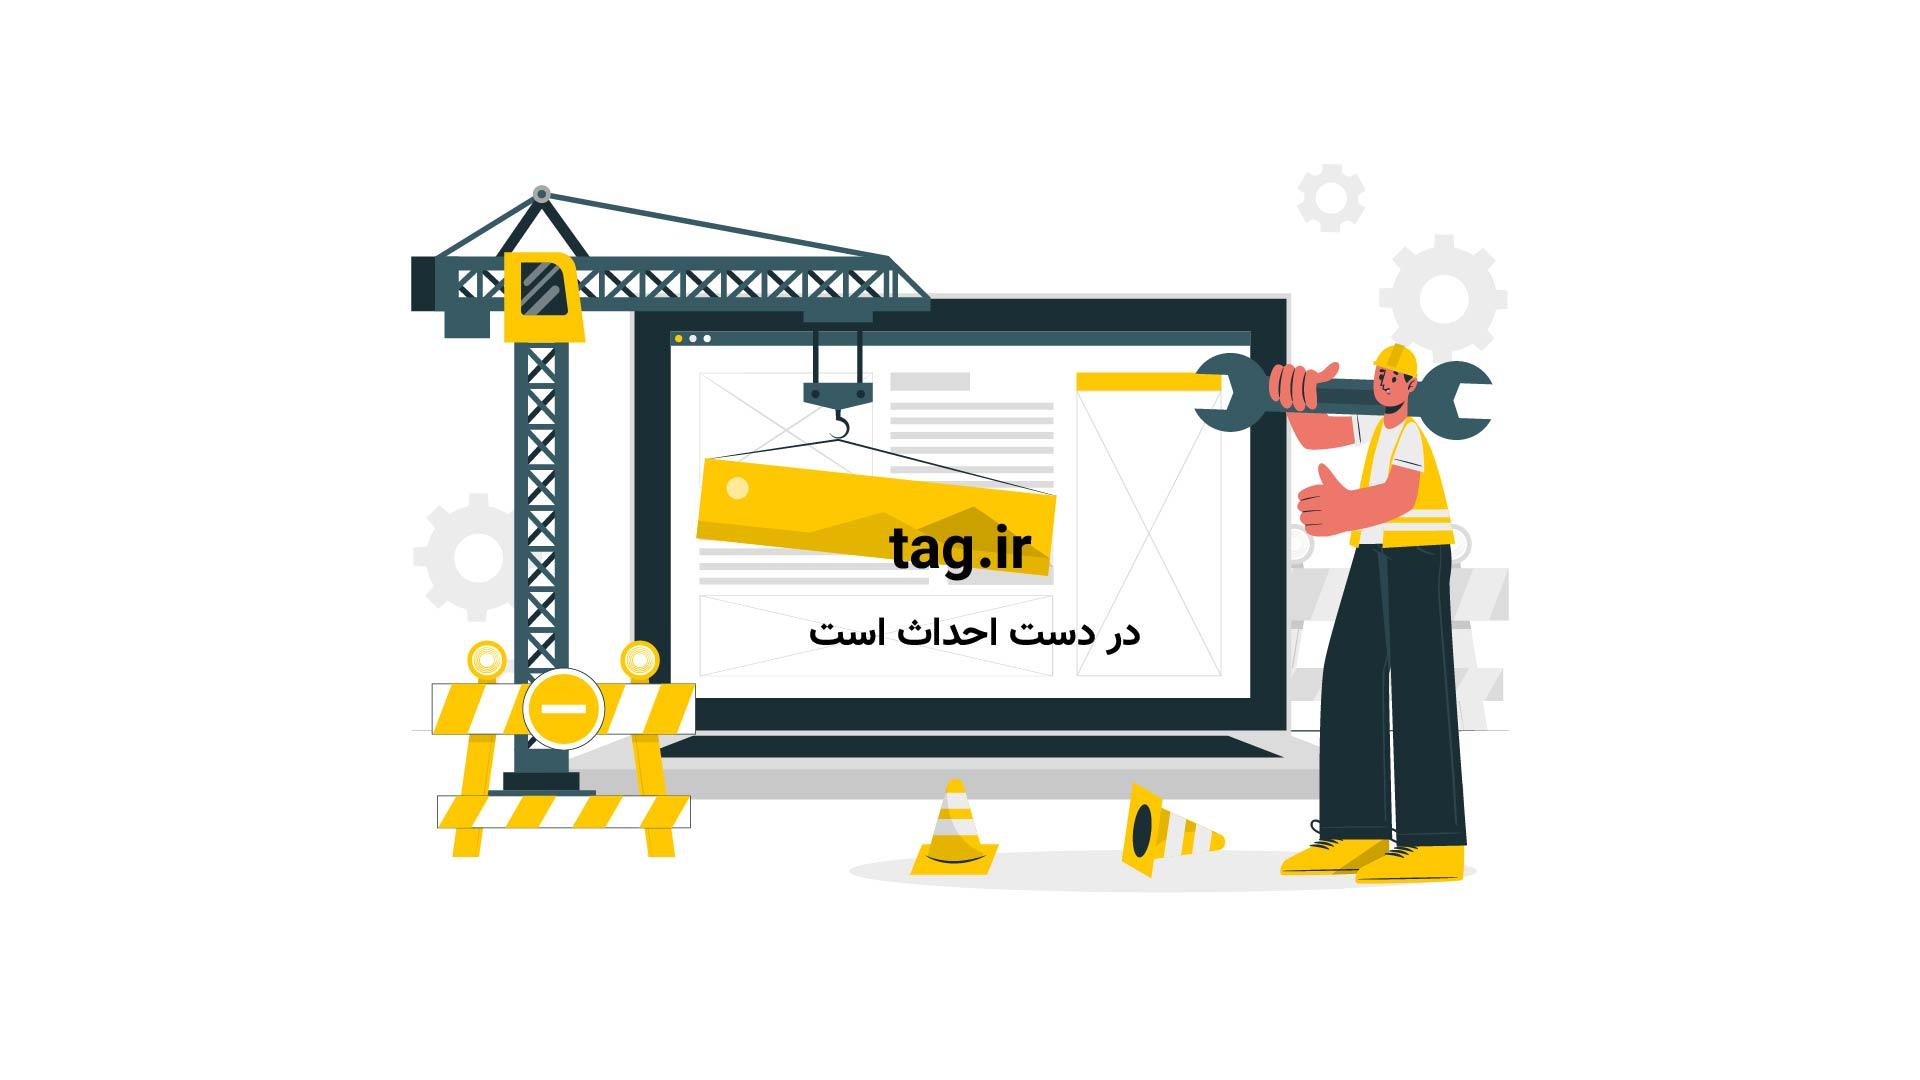 آزمایش سامانه دفاع موشکی تاد در آلاسکا آمریکا | فیلم